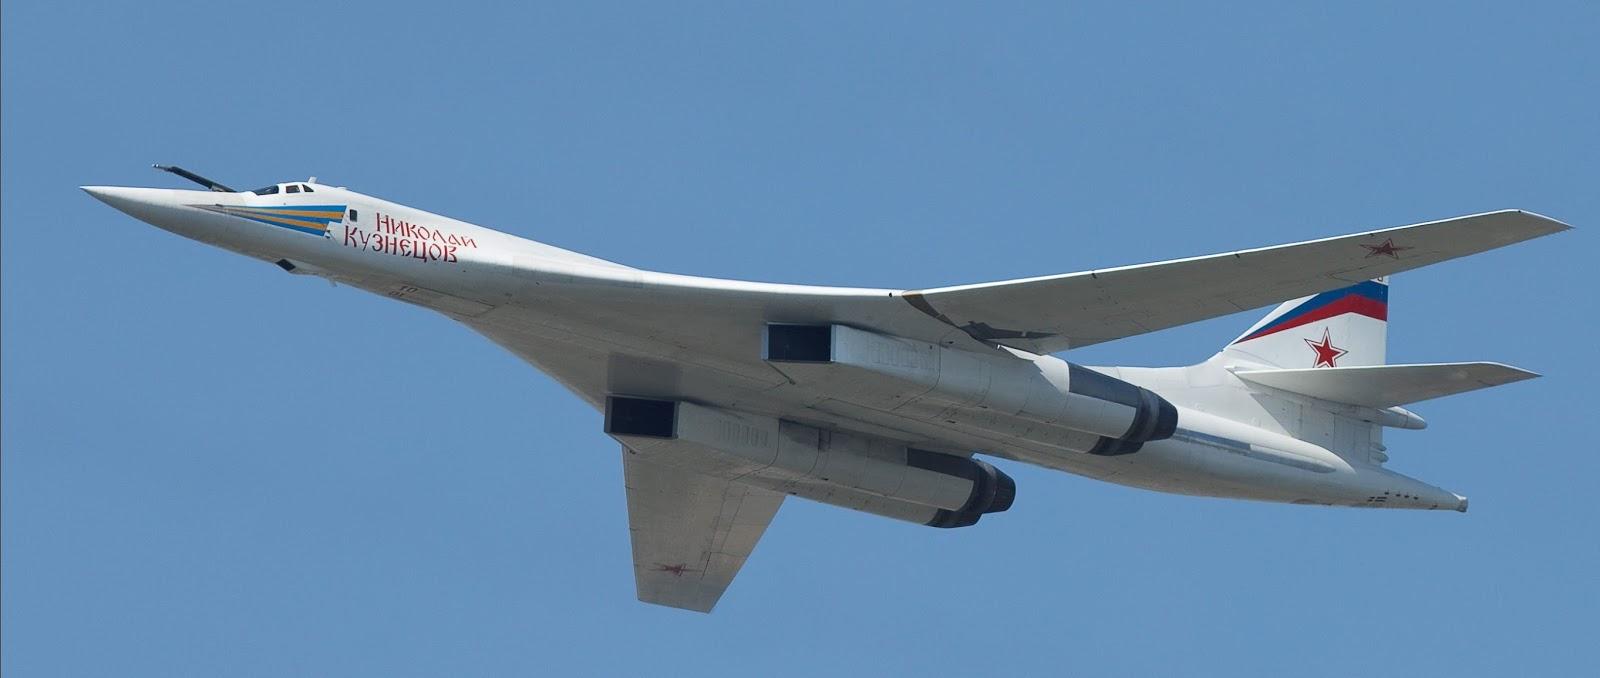 Em contraste com o B-1 Lancer, o Blackjack é mais uma plataforma de armas isolada do que um bombardeiro tradicional